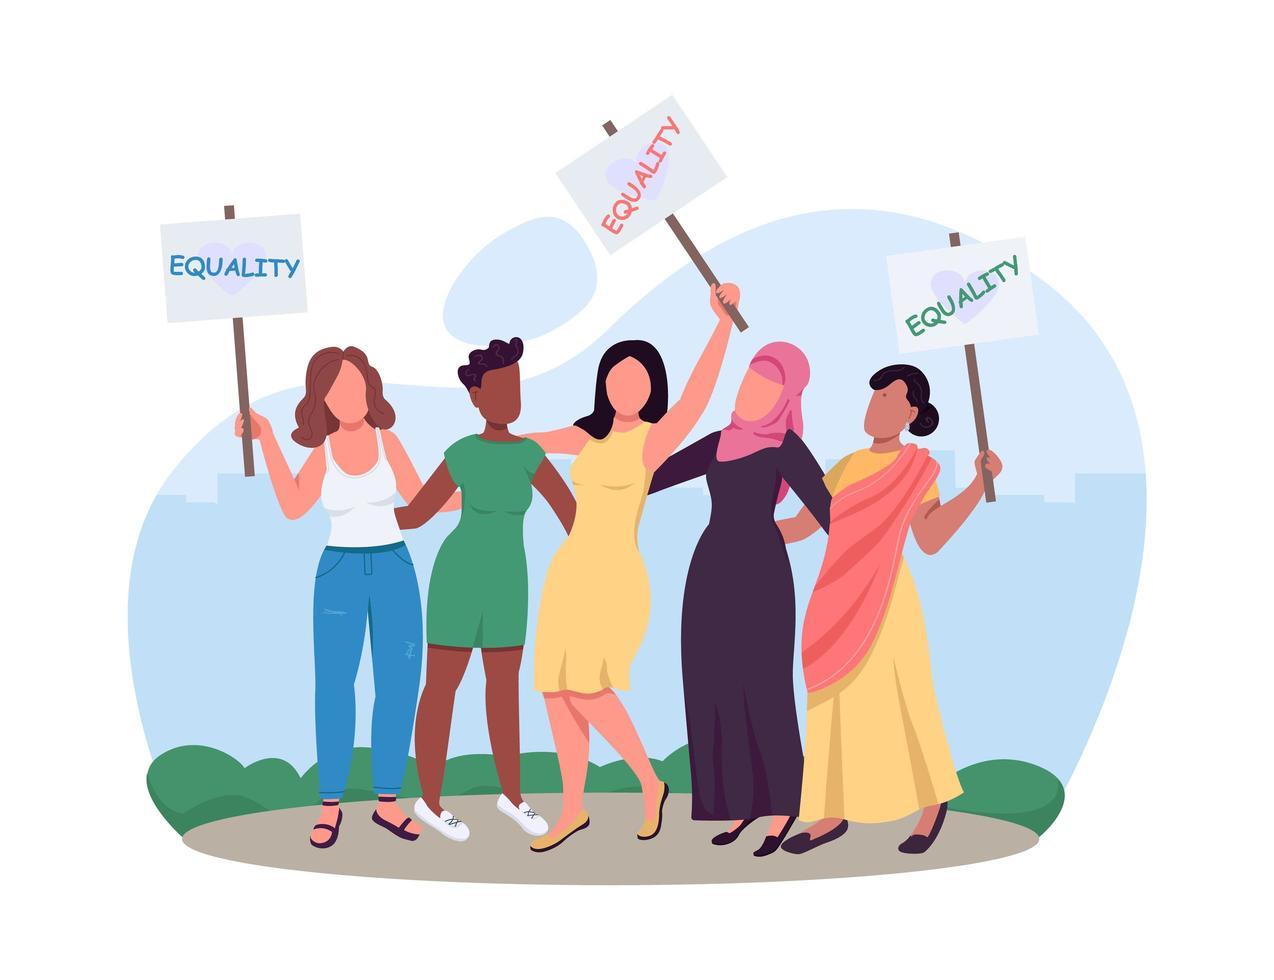 grupo de empoderamento feminino vetor